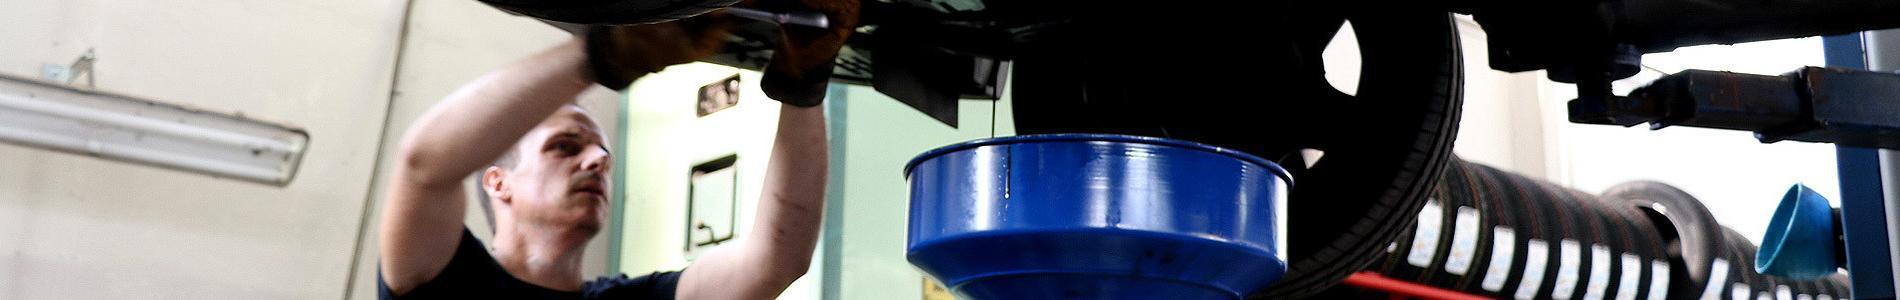 Ölwechsel für alle Fahrzeuge bei Autoservice Keck